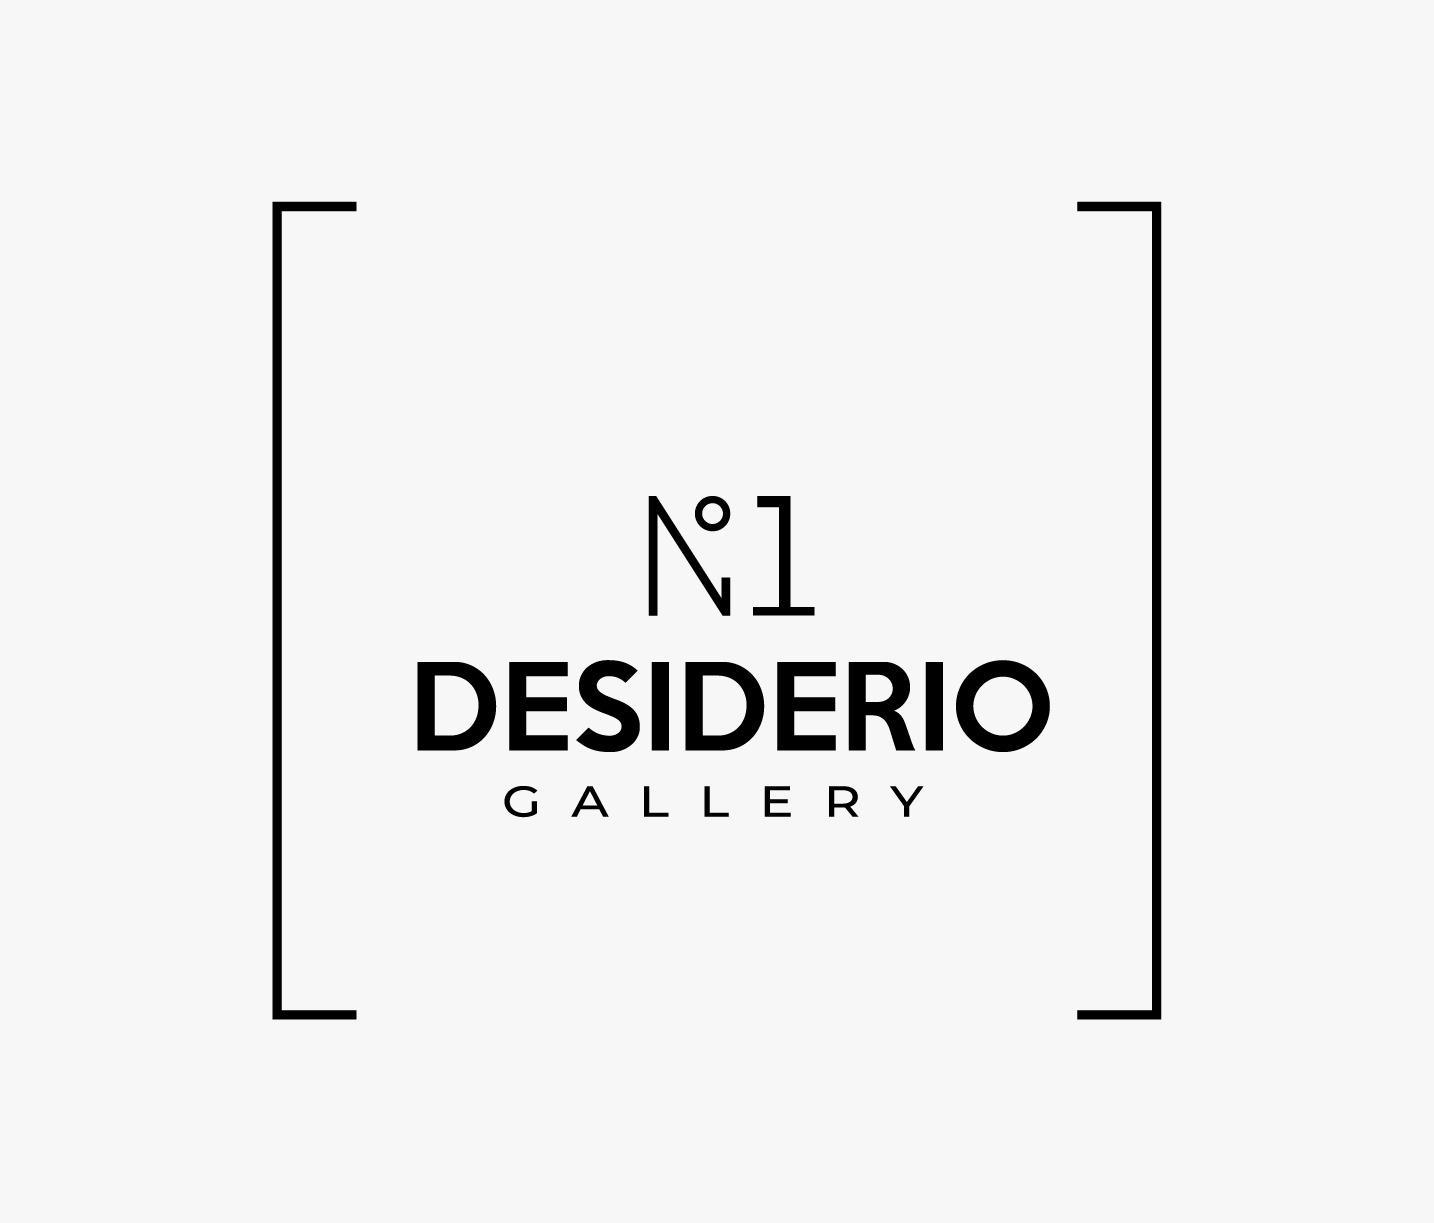 Desiderio Gallery